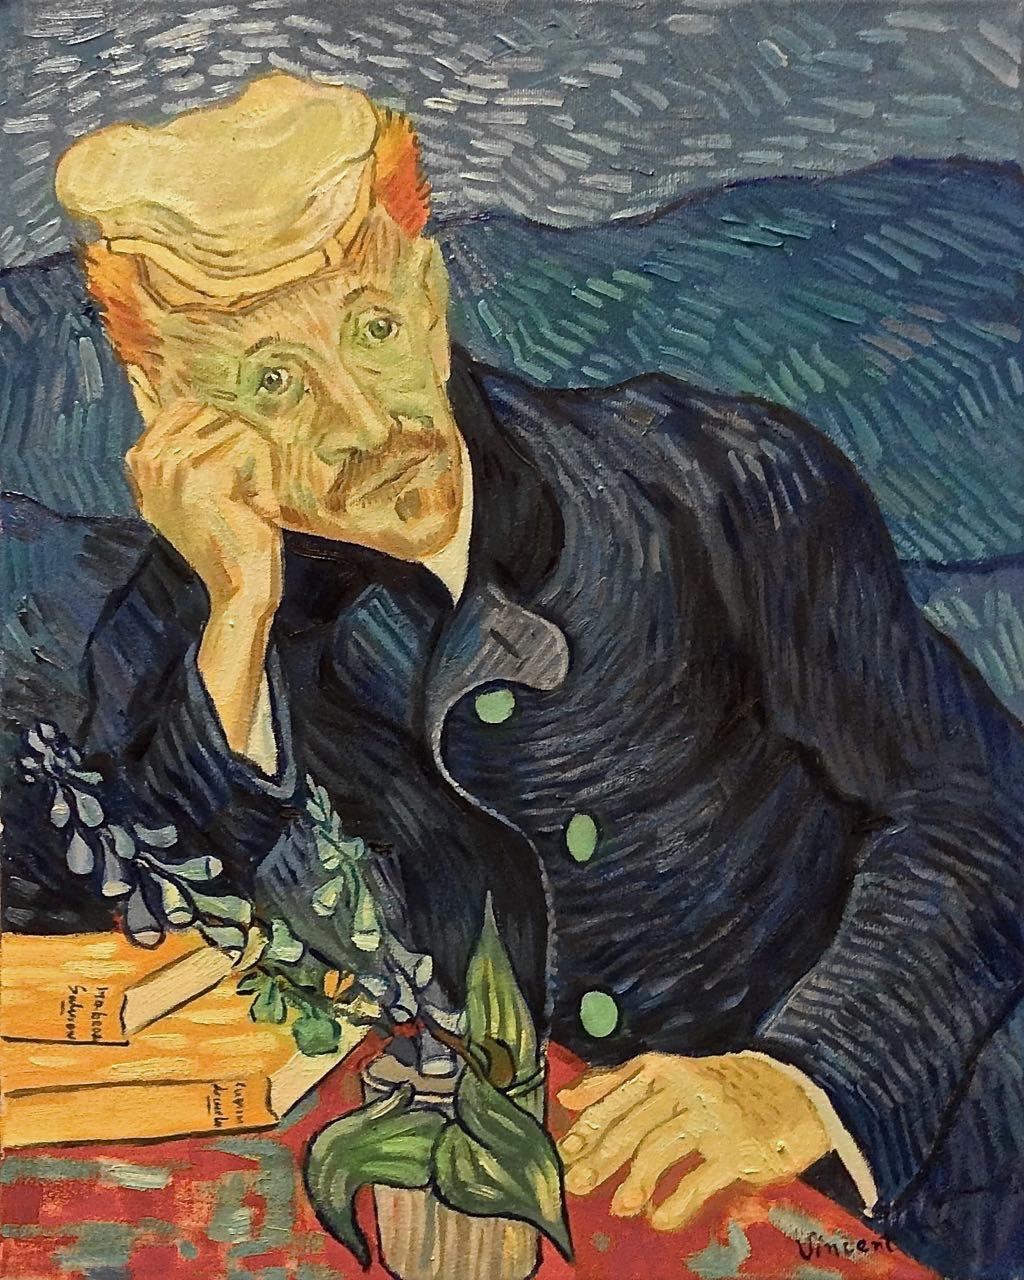 Riproduzionidarte 100513 Portrait of Dr Gachet nostro - 1